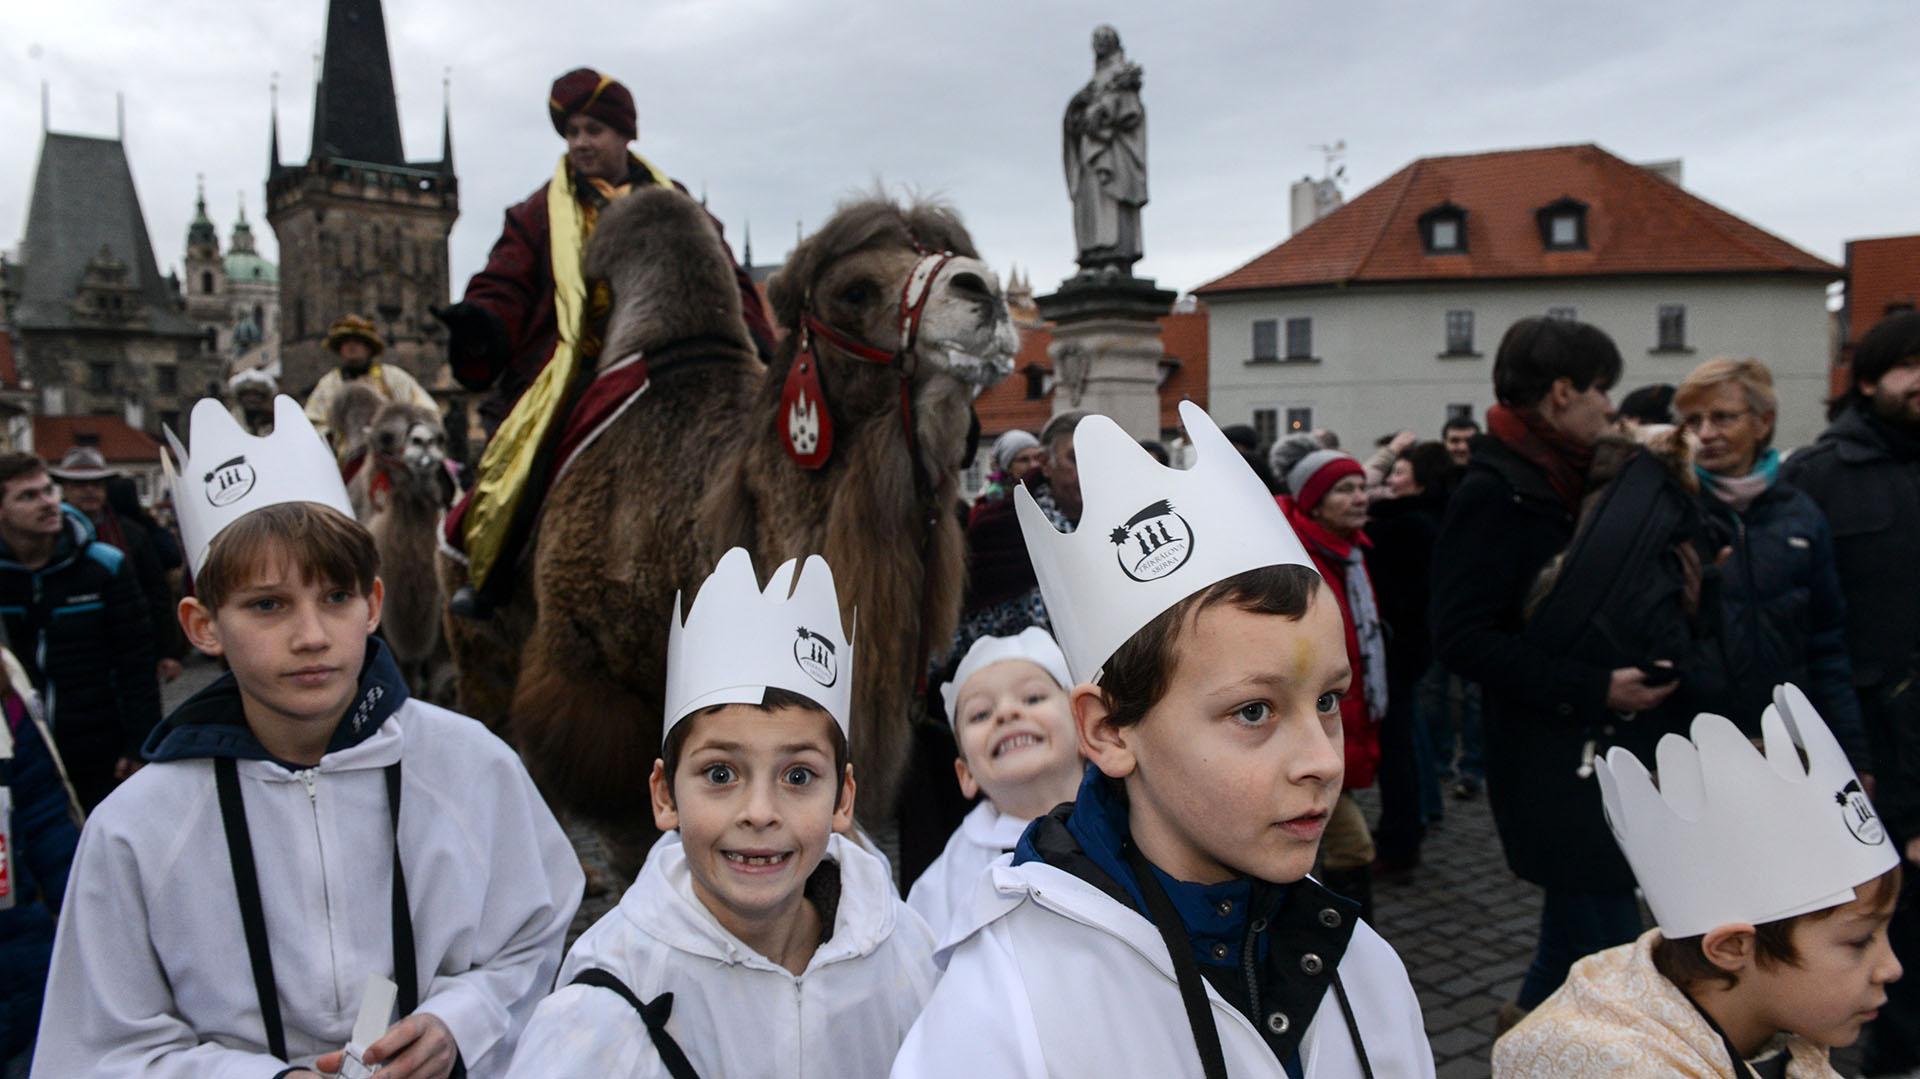 Los niños caminan durante una procesión que marca el viaje de los Reyes Magos a Belén para el nacimiento de Jesús. La celebración es en Praga (AFP)